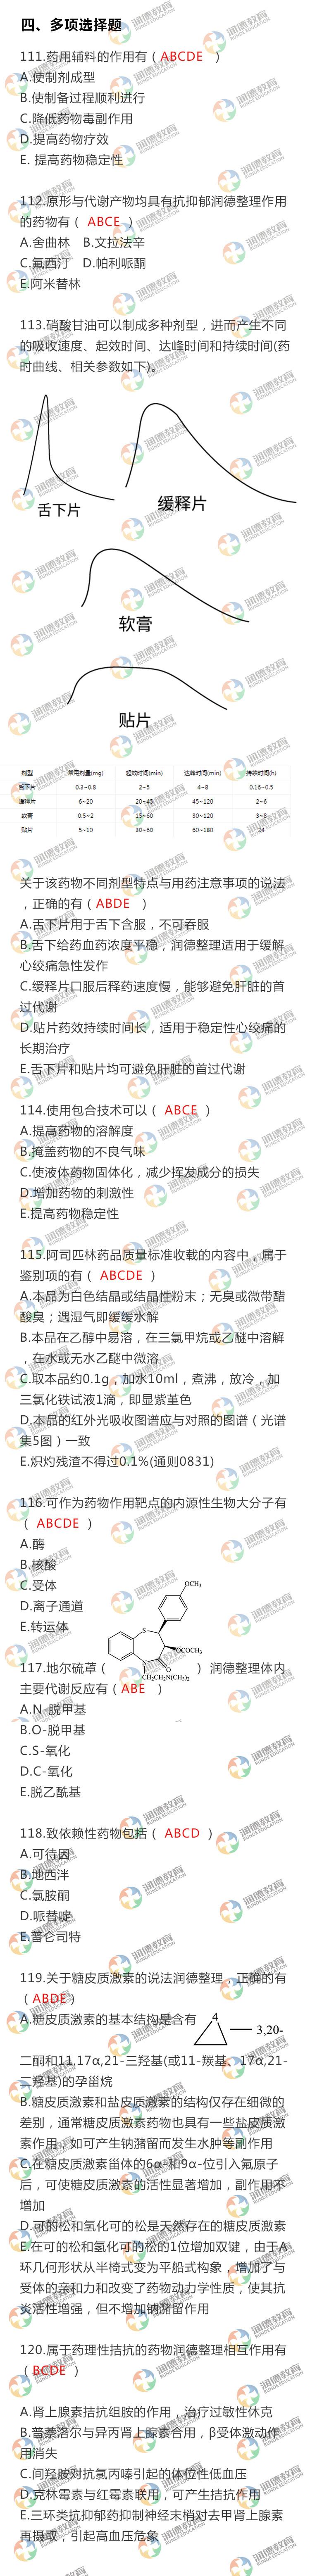 执业药师资格考试西药一111-120.jpg